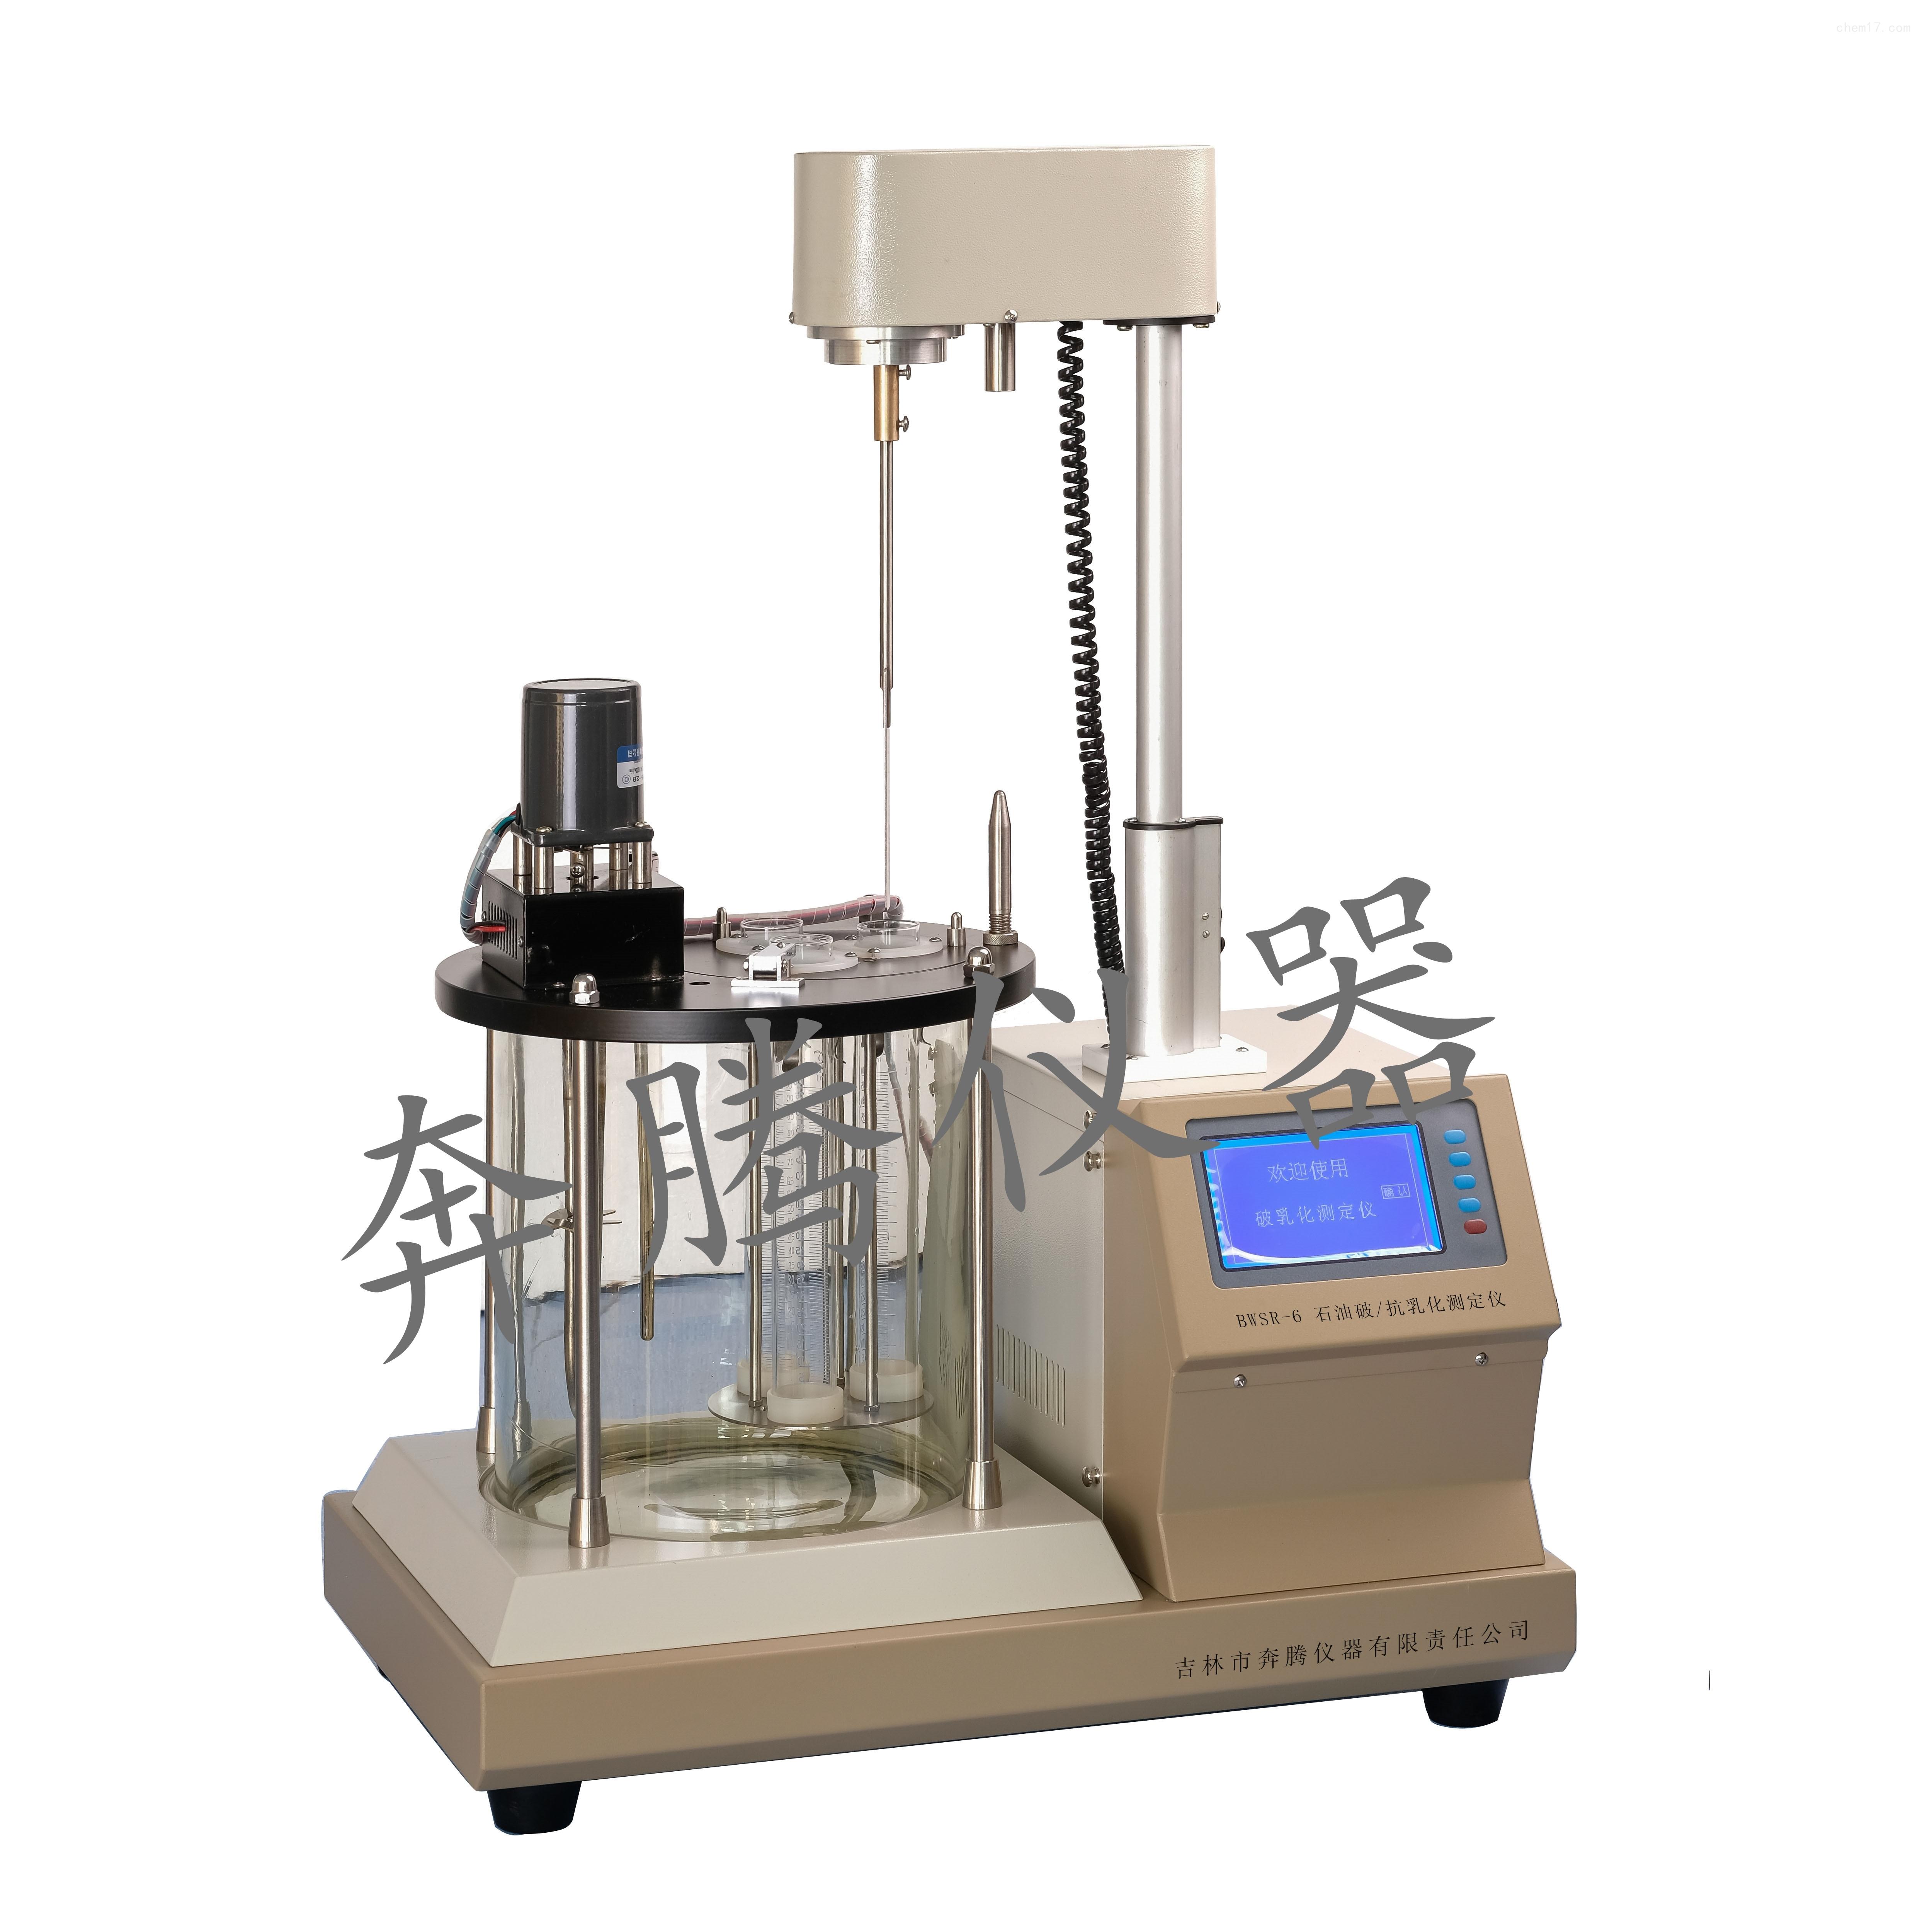 GB/T7605润滑油抗乳化性能测试仪